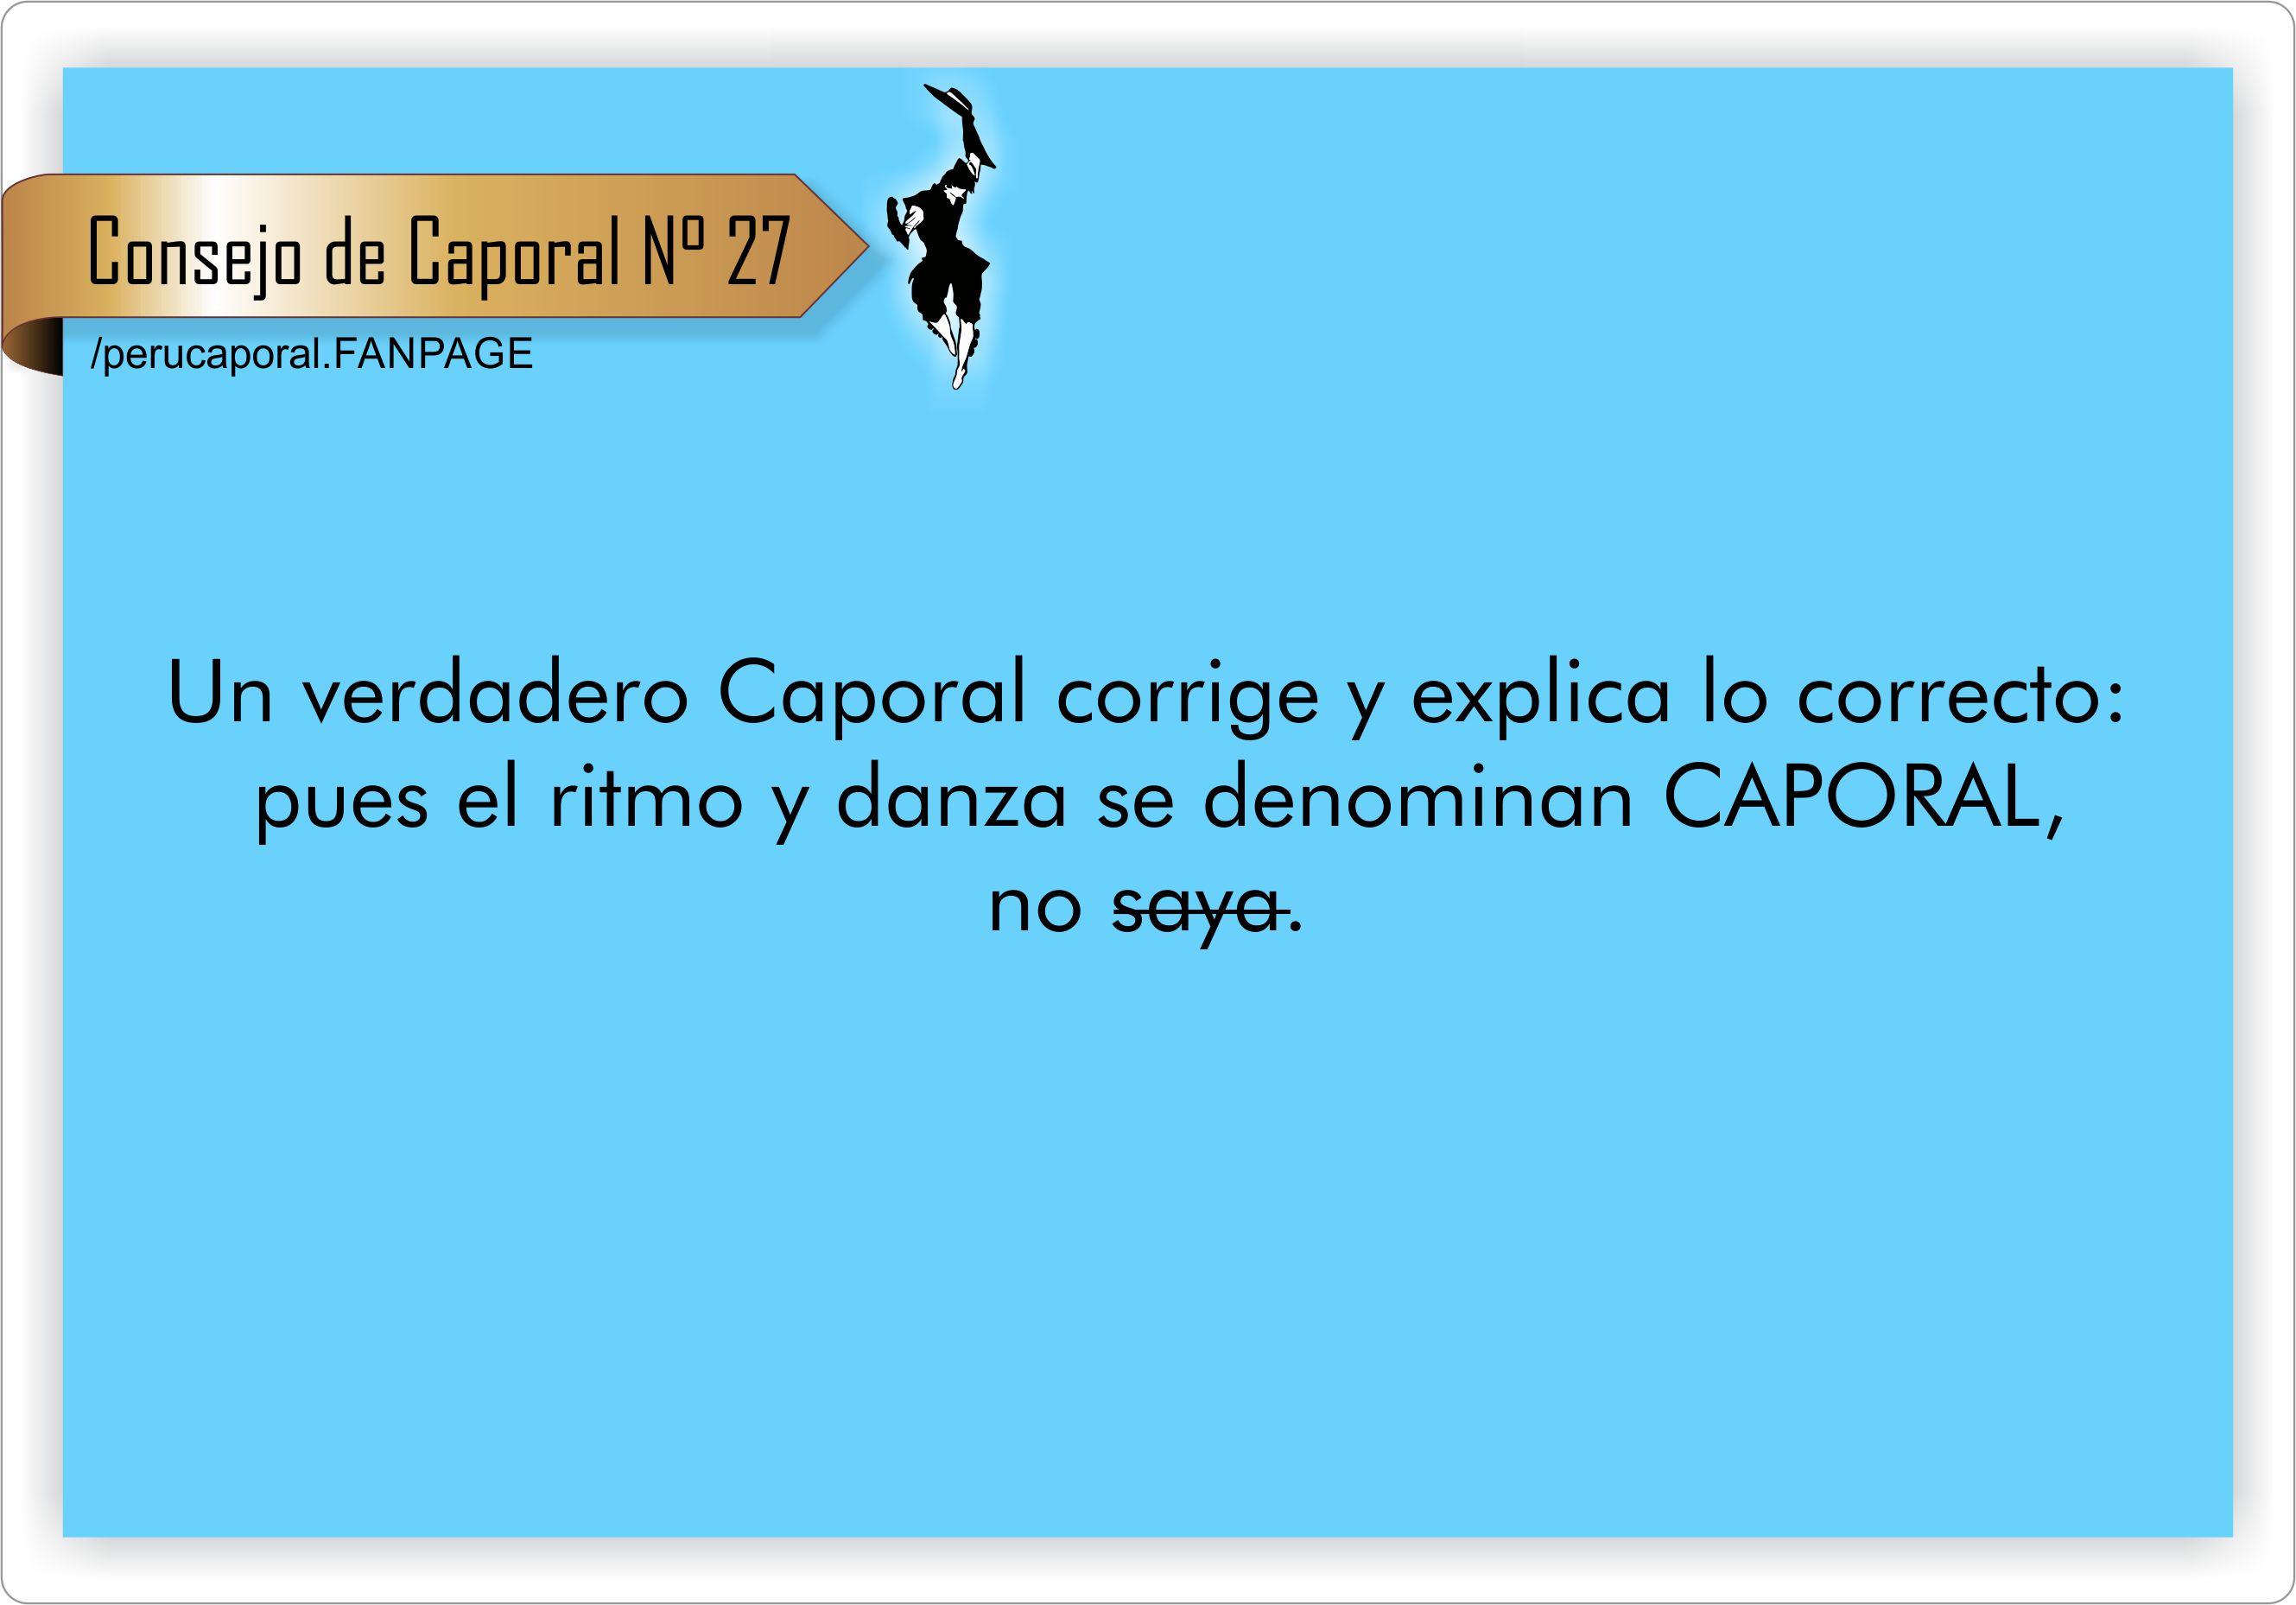 Un verdadero caporal sabe las diferencias y sabe perfectamente identificar a ambas danzas y ritmos.